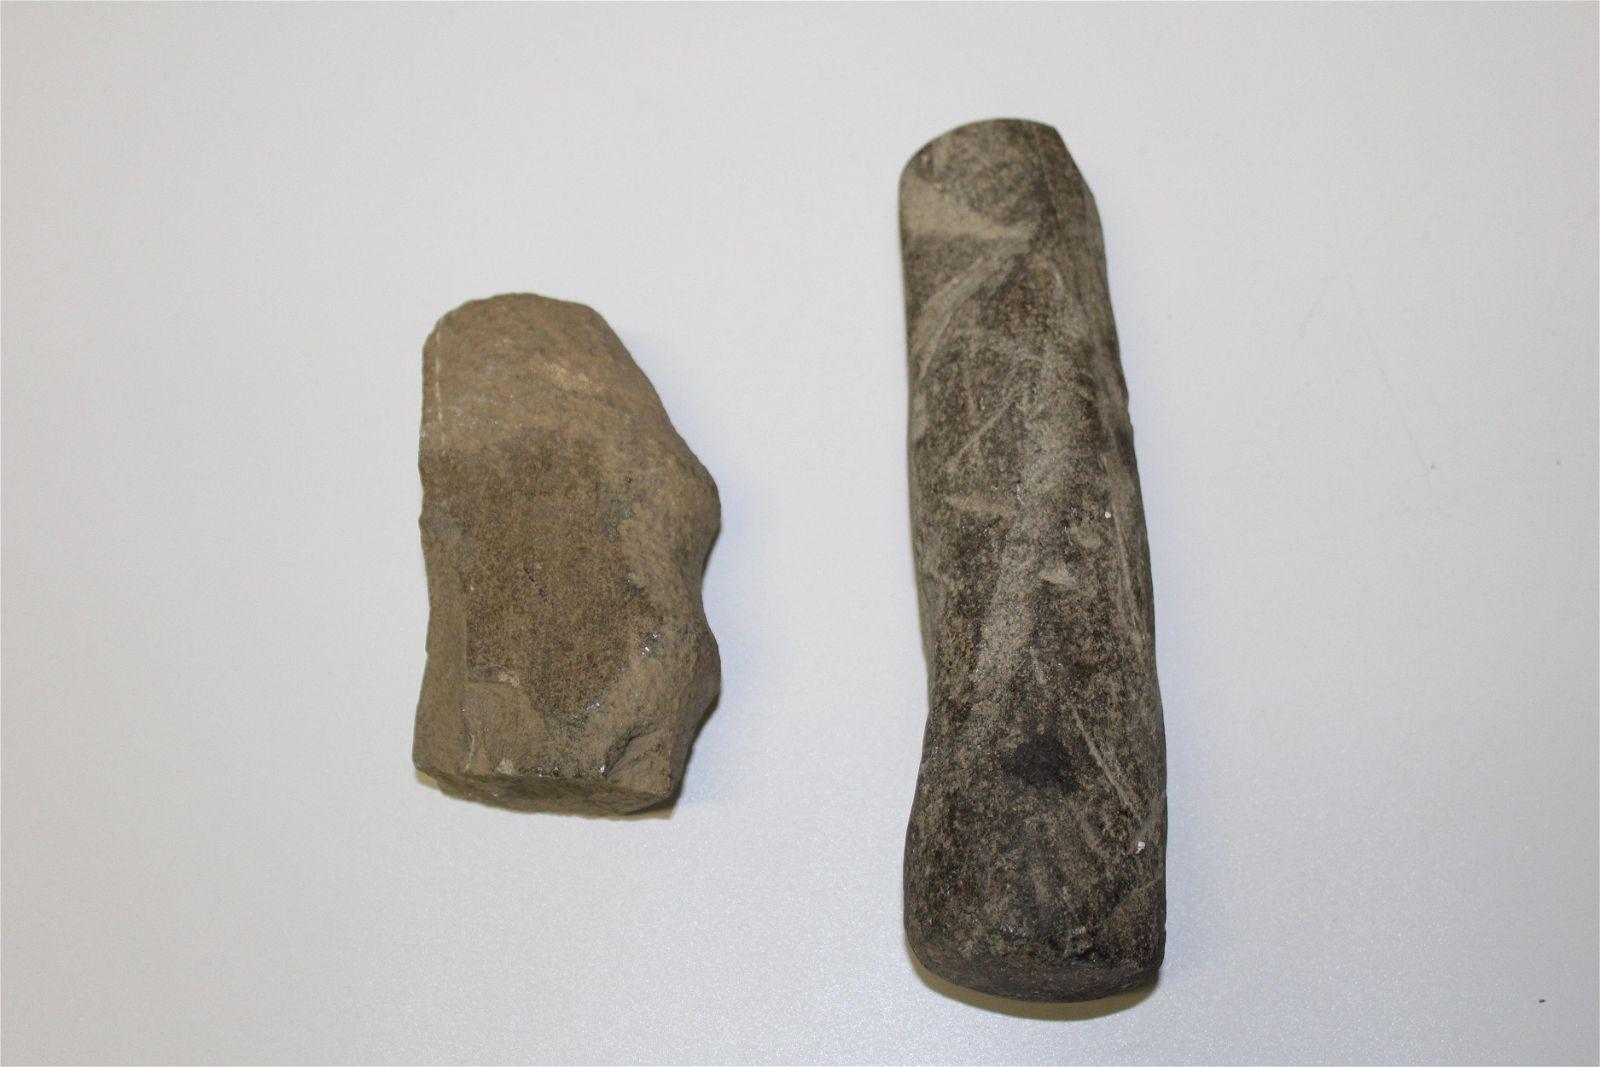 2 pcs Primitive Stone Implement Artifacts